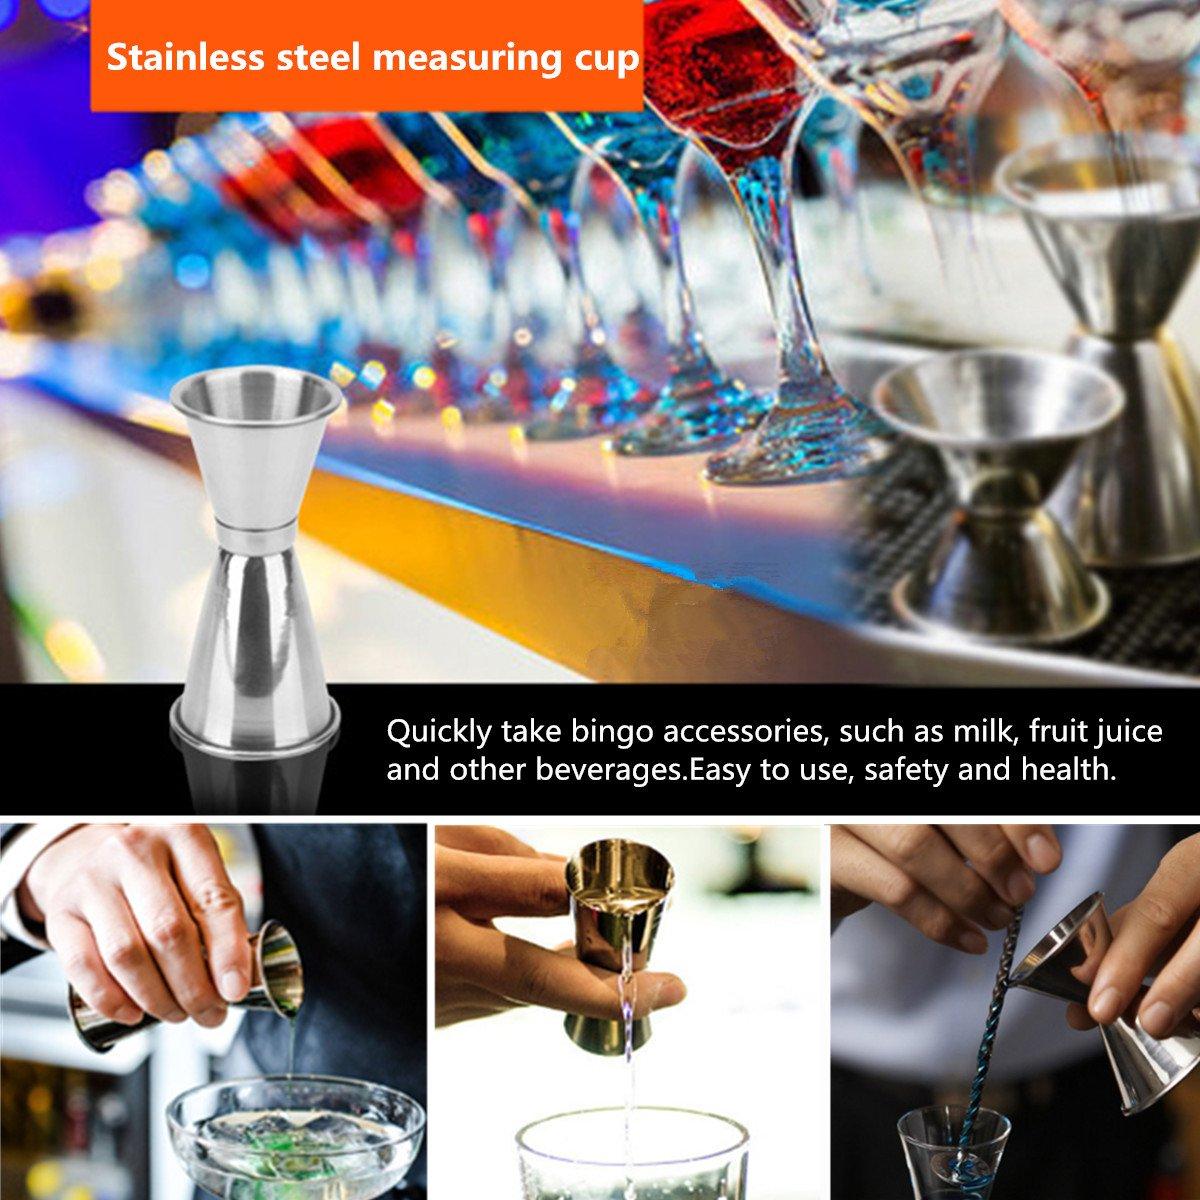 Jeteven Savisto Premium Cocktail Set mit 350ml Cocktail Schüttelbecher,Doppelmessbecher, Korkenzieher, Sieb,Korkenzieher & Flaschenöffner,Eiszange mit Holz Rack